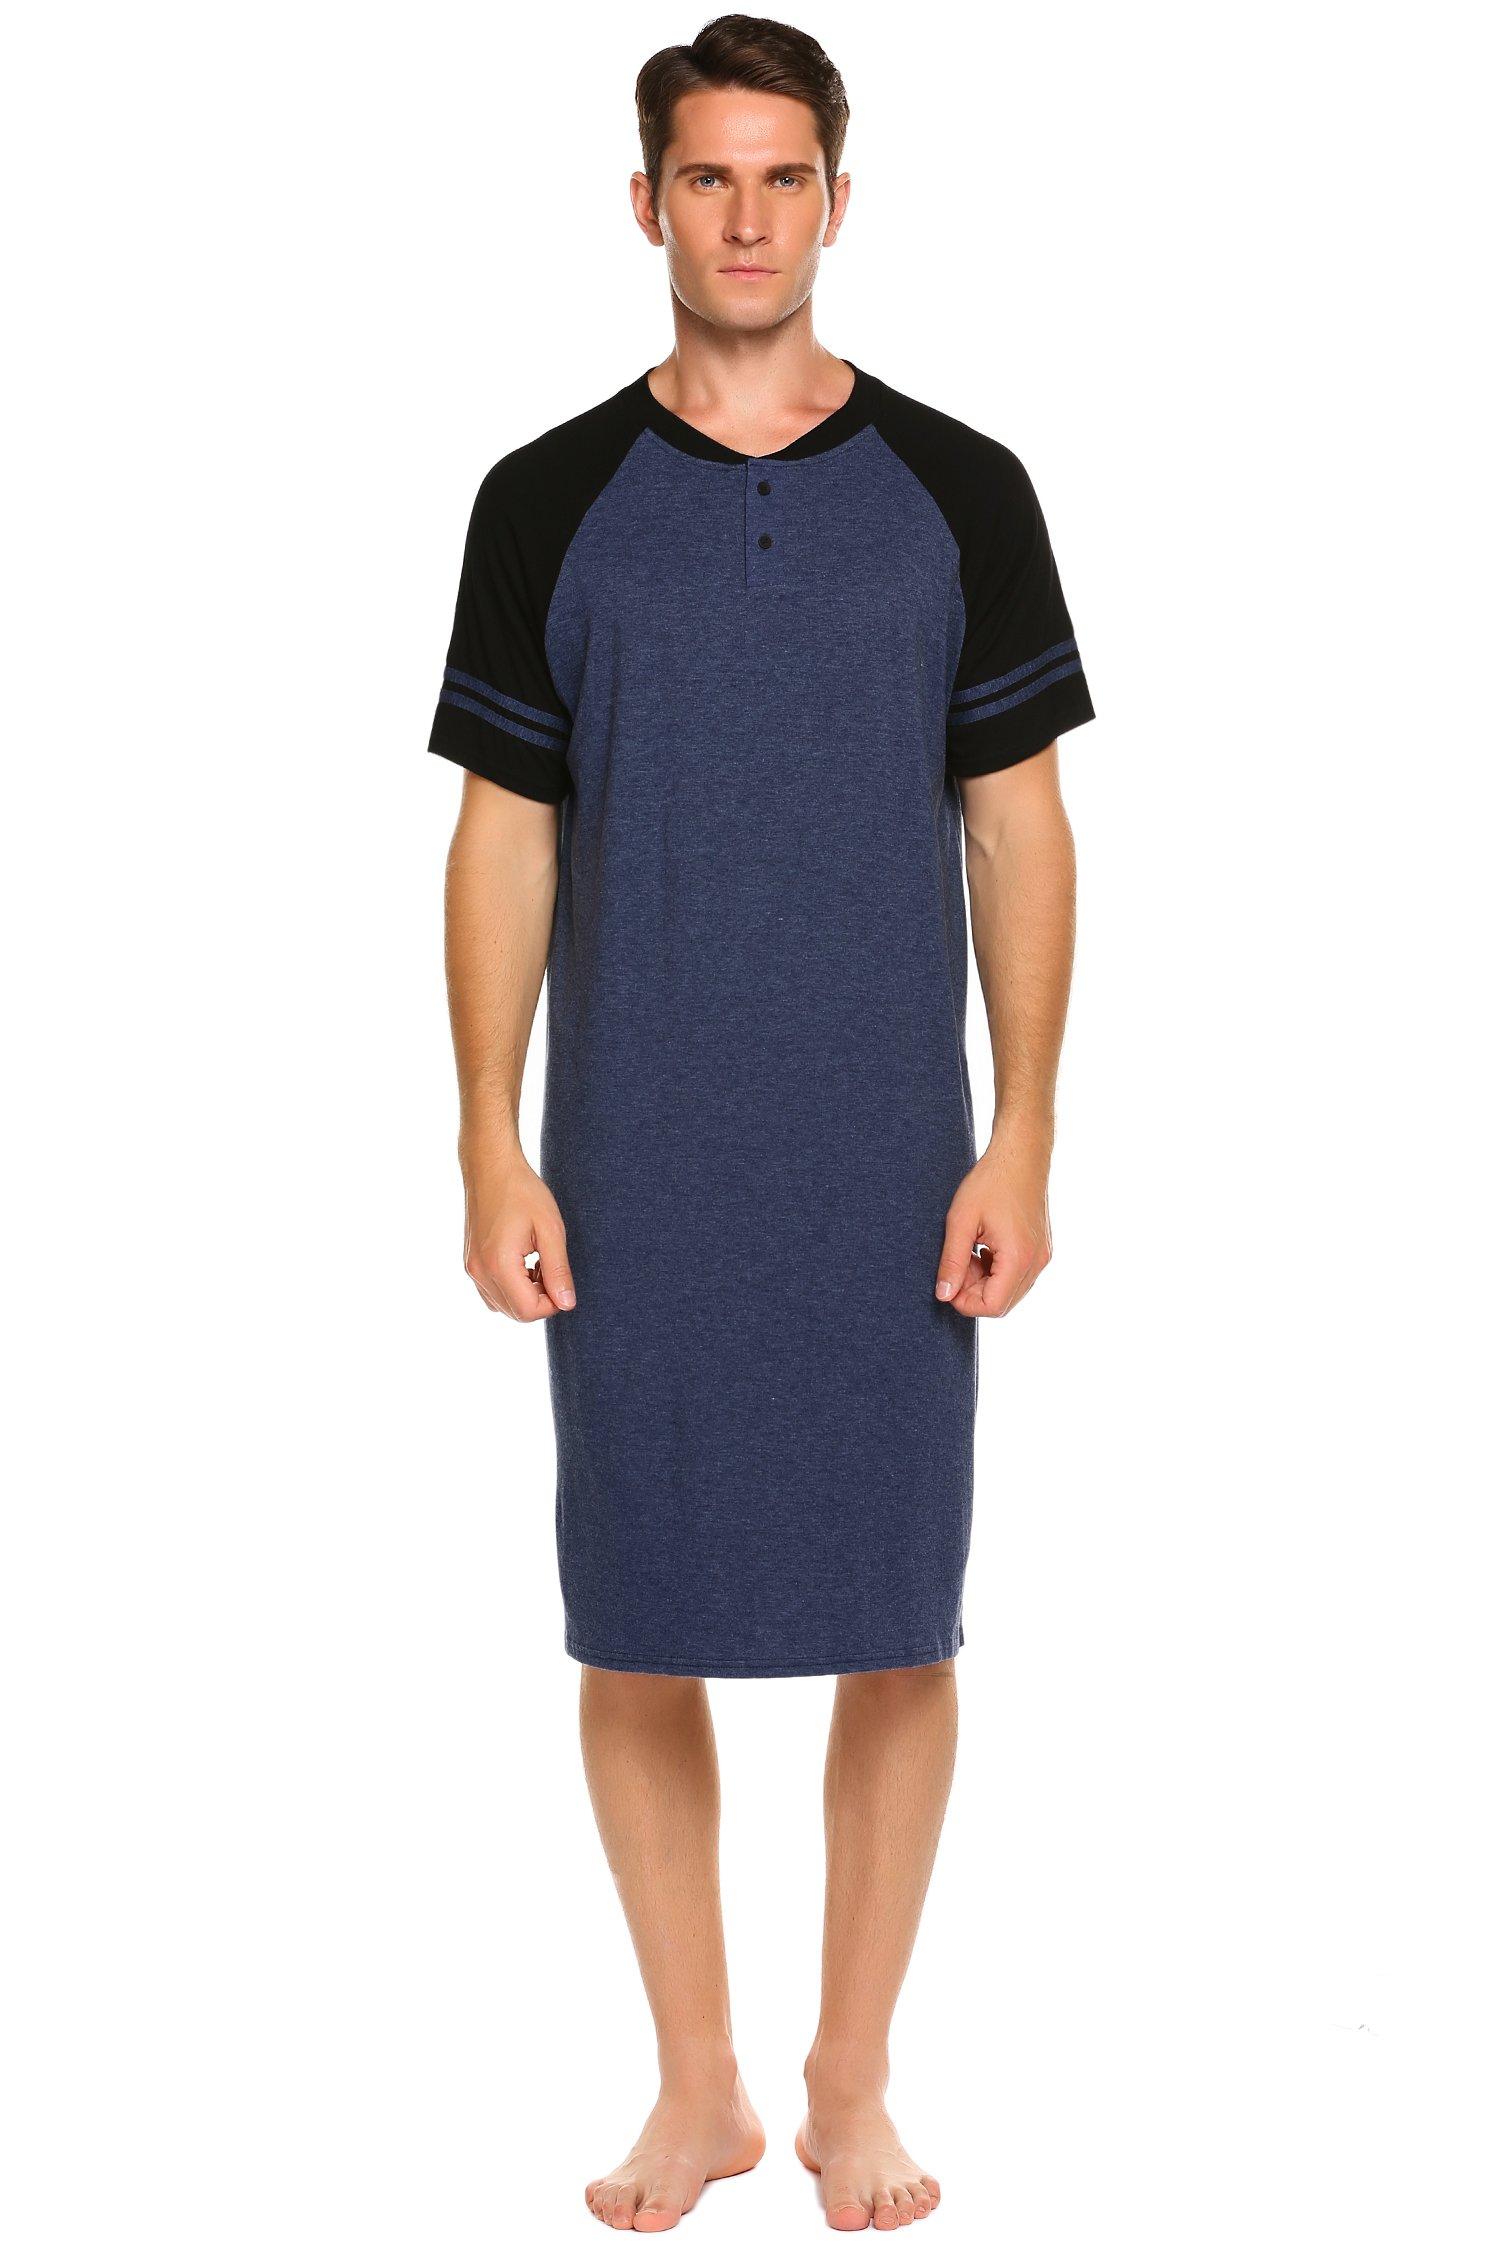 Ekouaer Men's Sleepshirt Lightweight Short Sleeve Night Shirt (Navy Blue, XX-Large)